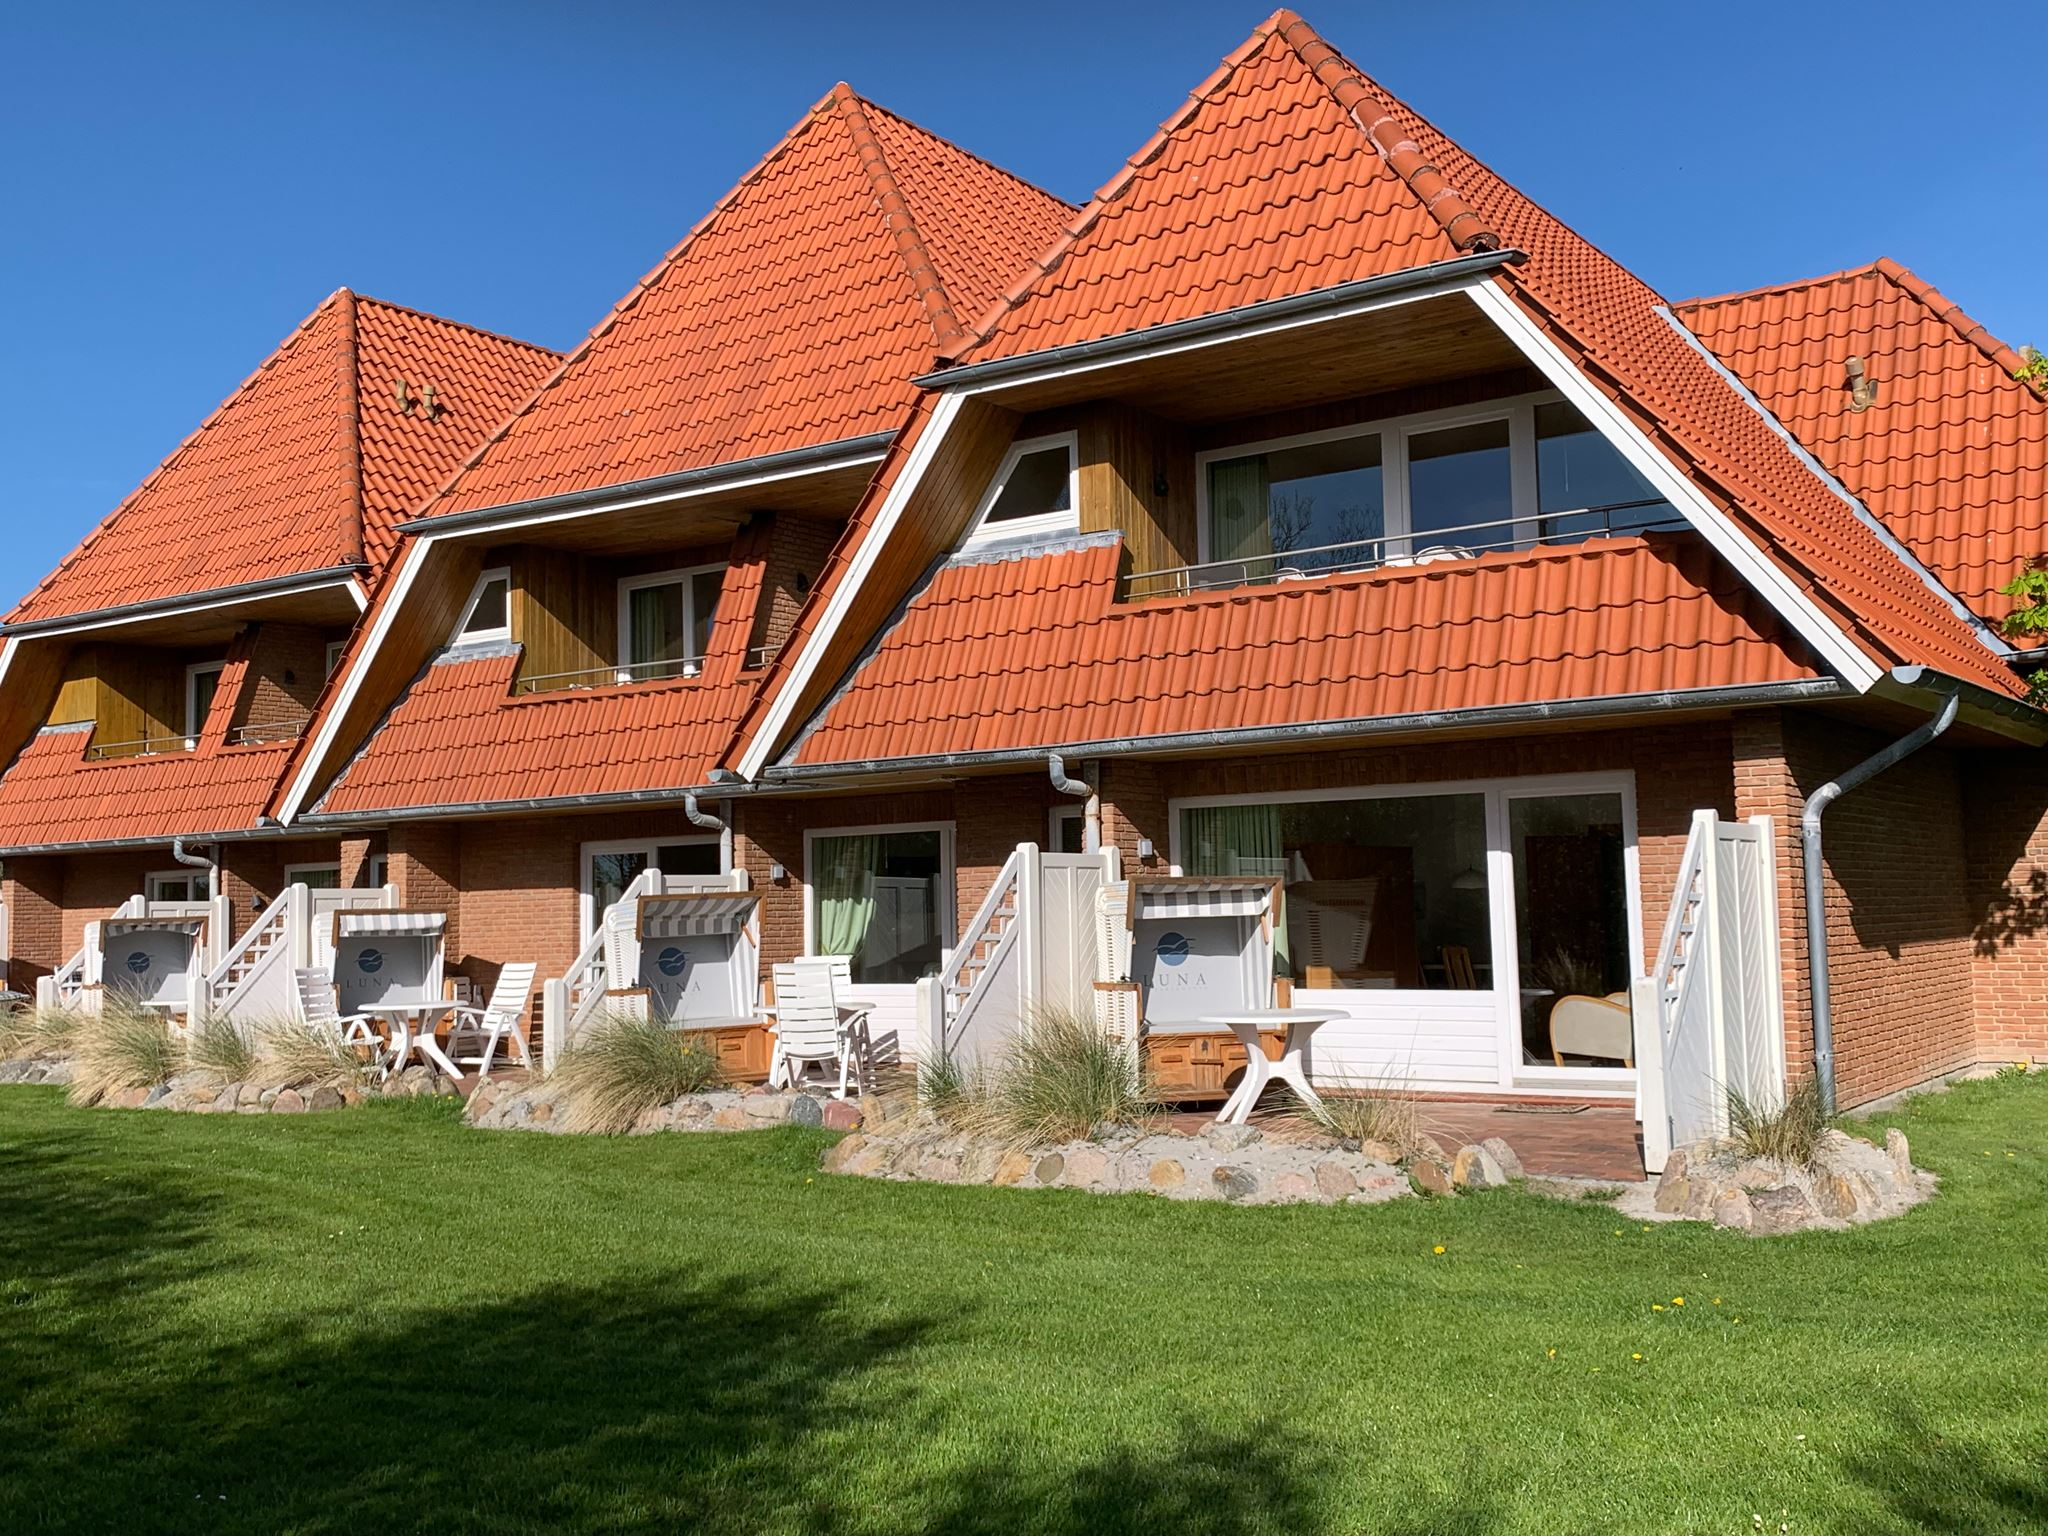 strandnahes Ferienappartement in St. Peter-Ording für 2-4 Personen, mit großer Süd-Westterrasse , strandnah, ruhig, privat.Luna IV Nr. 31